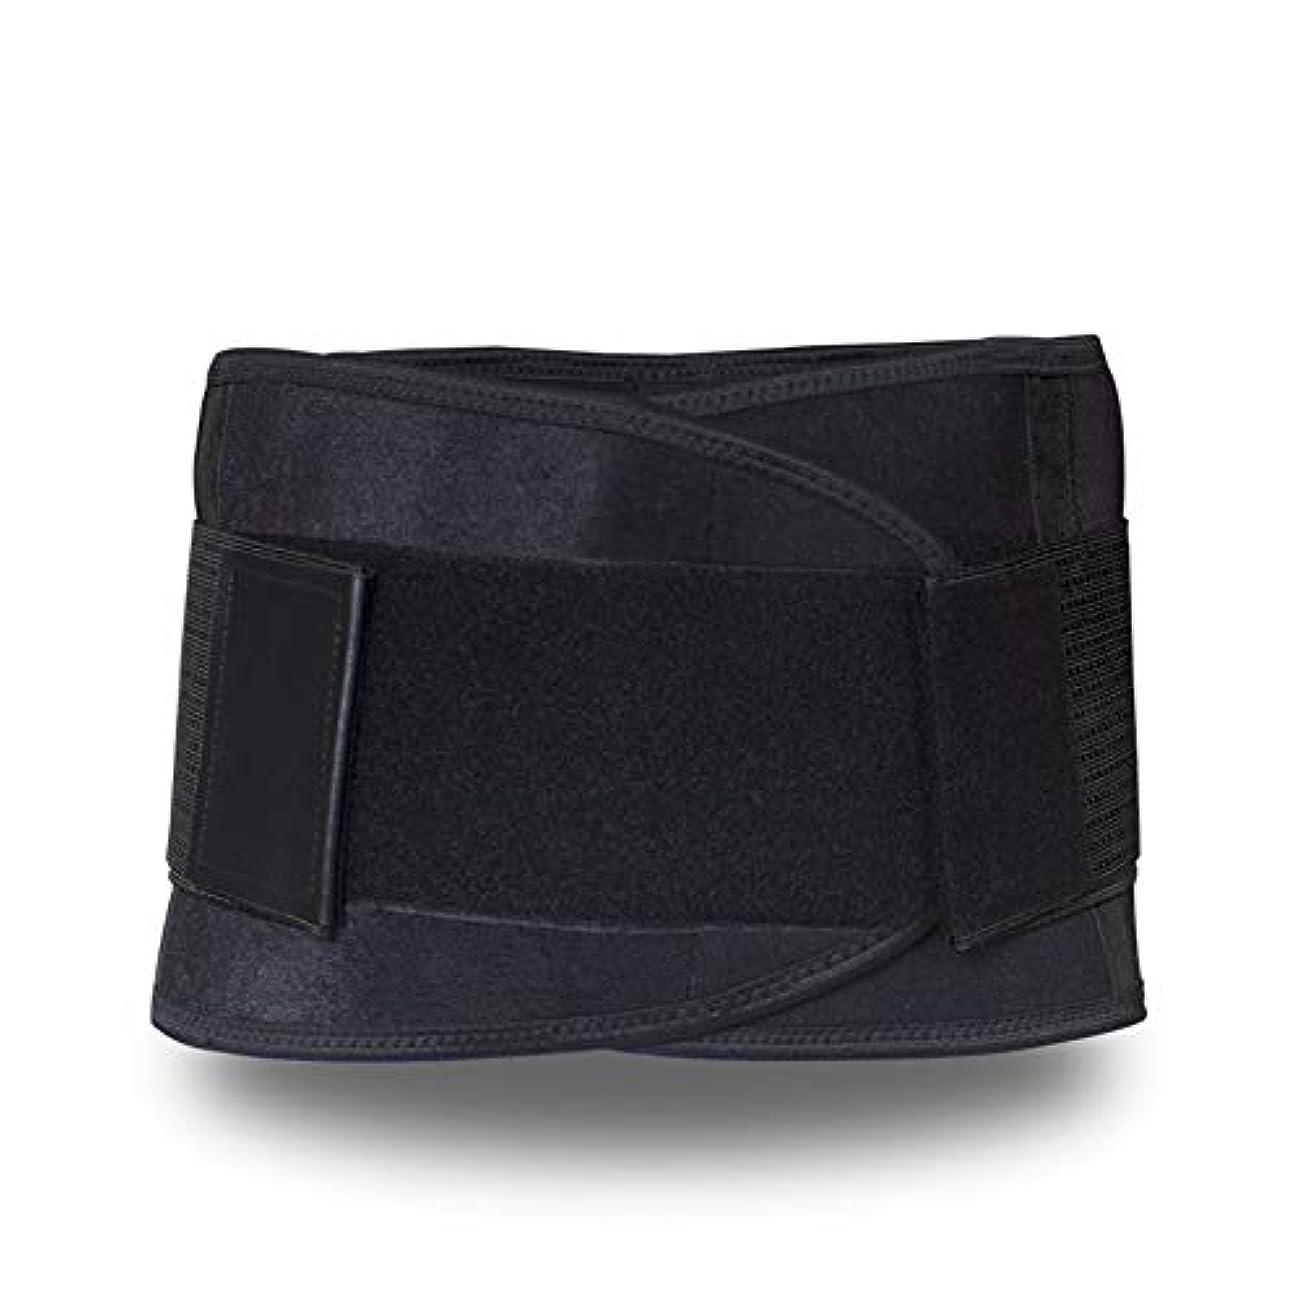 感性罪人関係ないB36ダブルプルランバー調節可能なサポート腰ベルトブレース痛みリリーフユニセックススポーツ保護ウエストトレーナーベルト